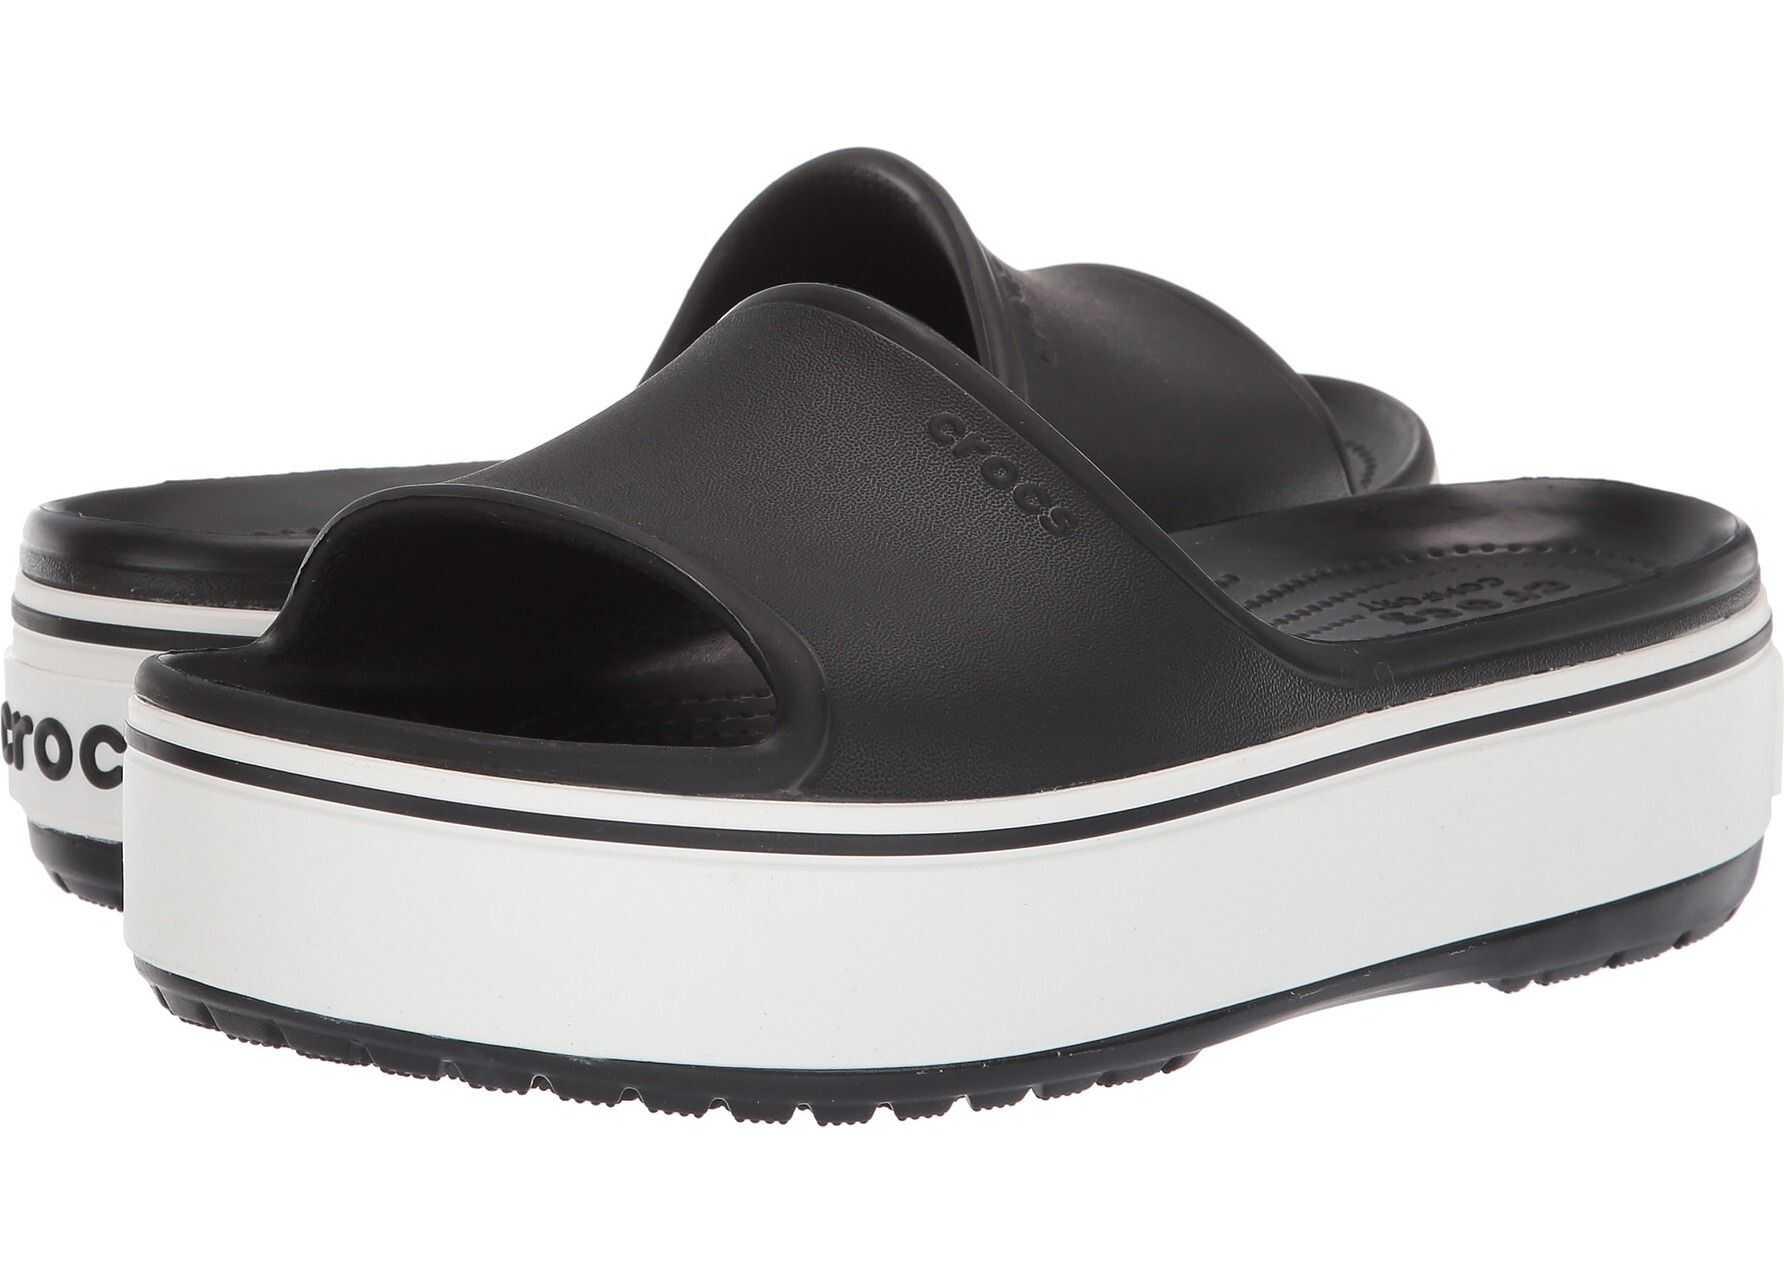 Crocs Crocband Platform Slide Black/White